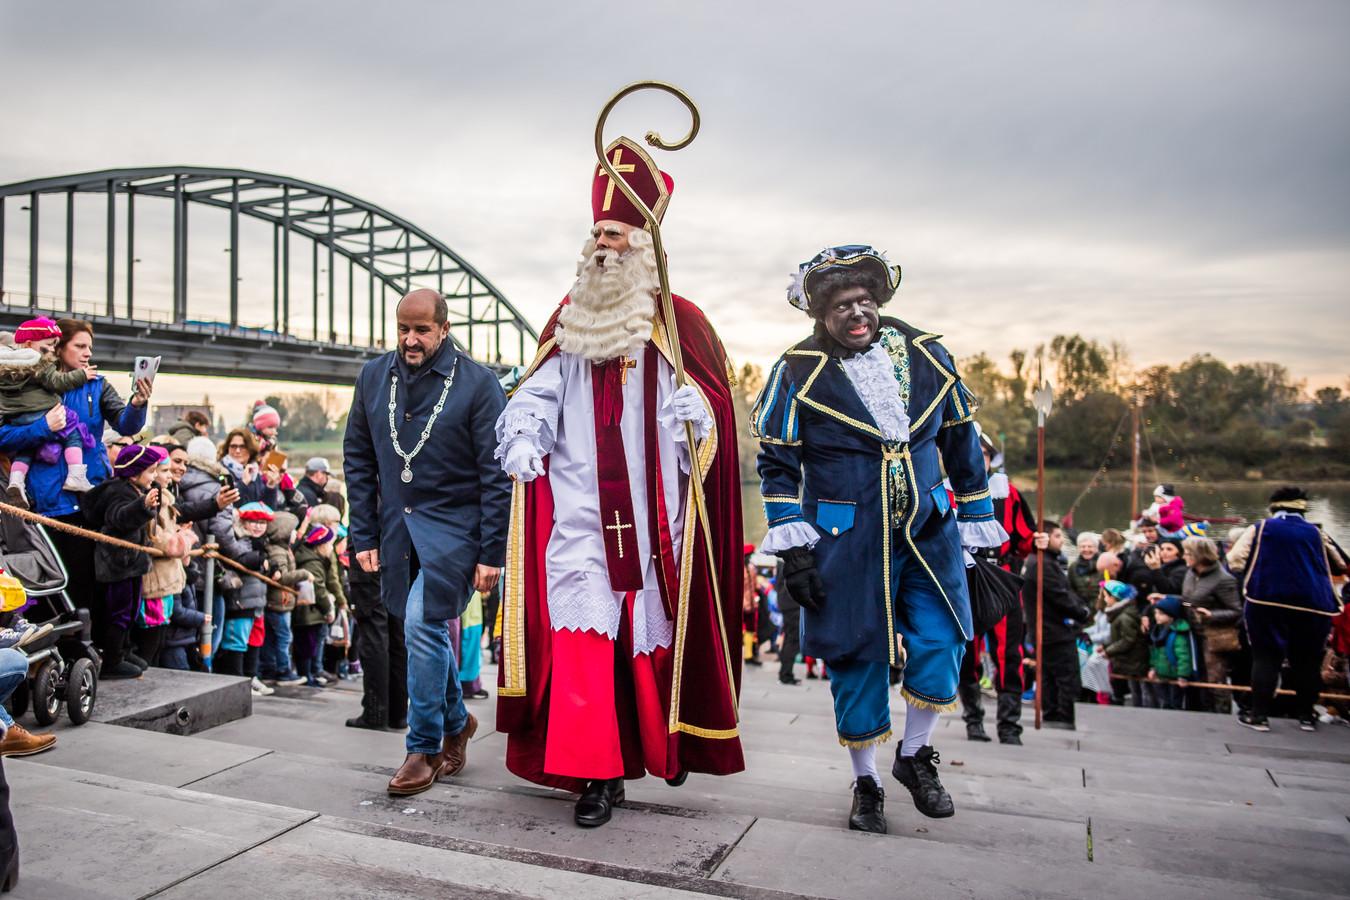 De aankomst van Sinterklaas in Arnhem in 2019.